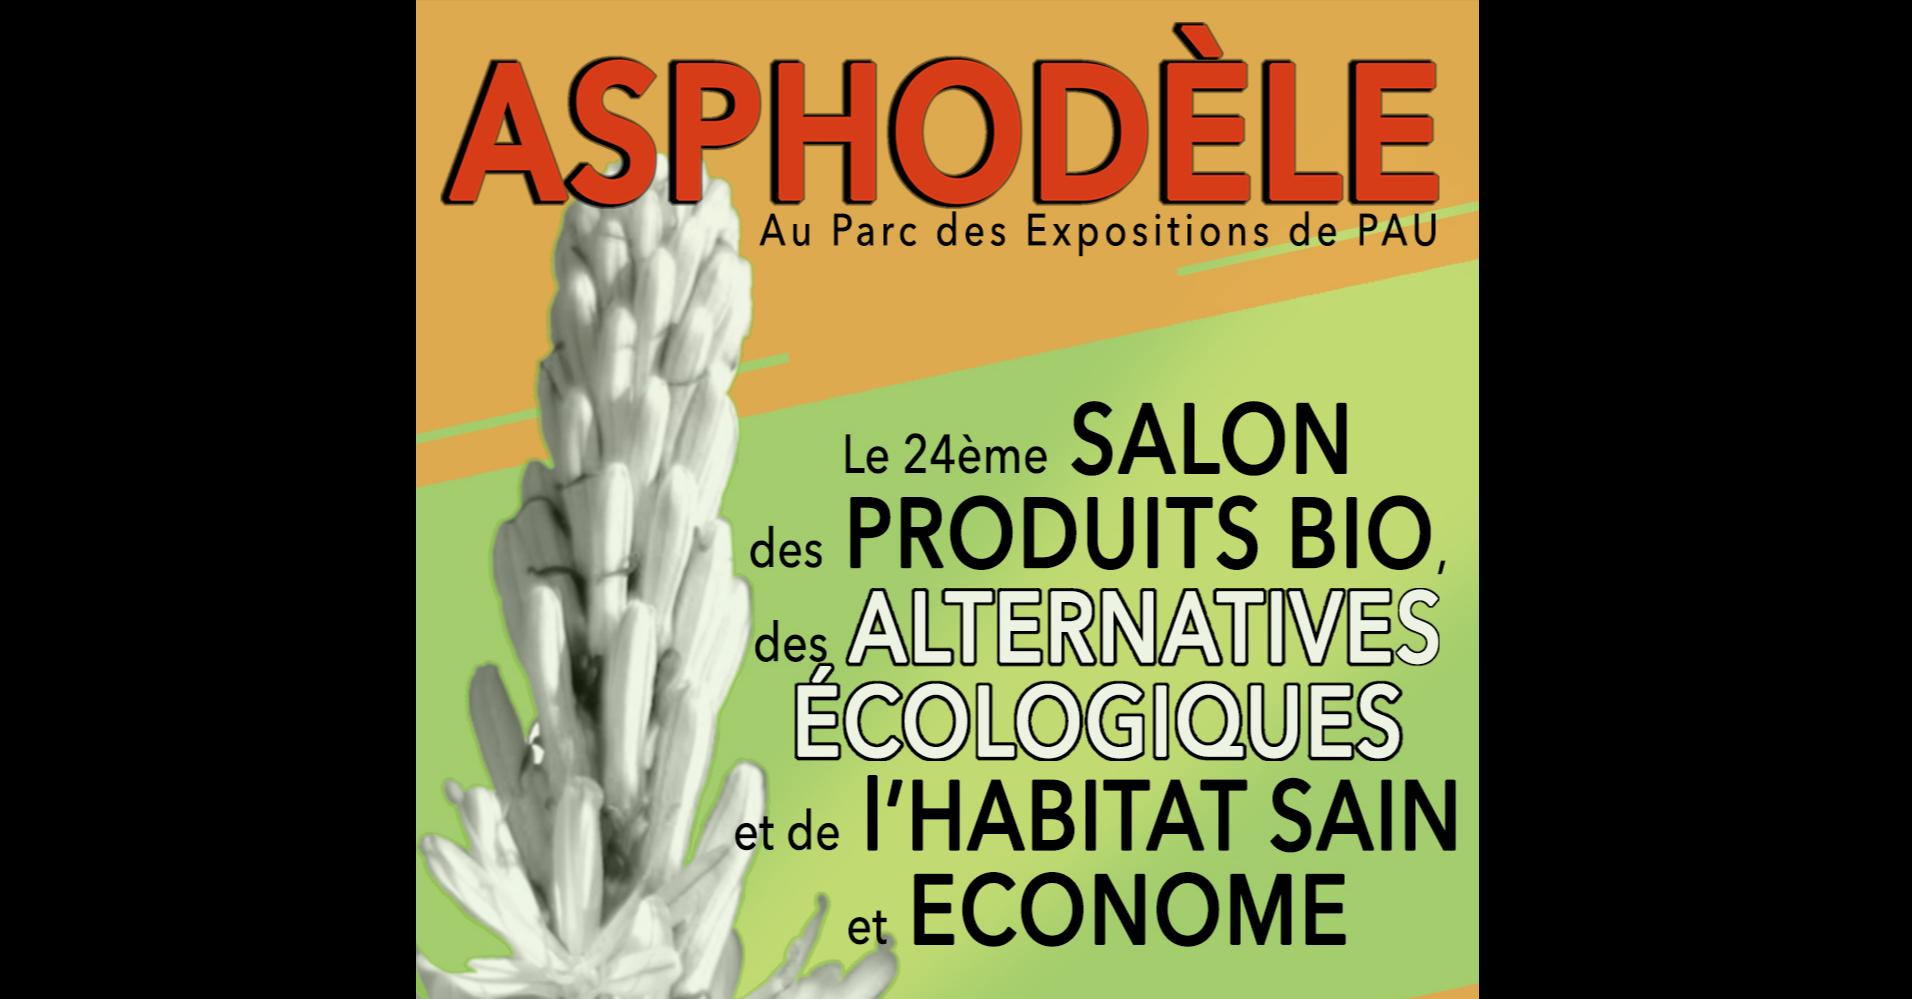 LA REP / COM / Asphodele déc 19